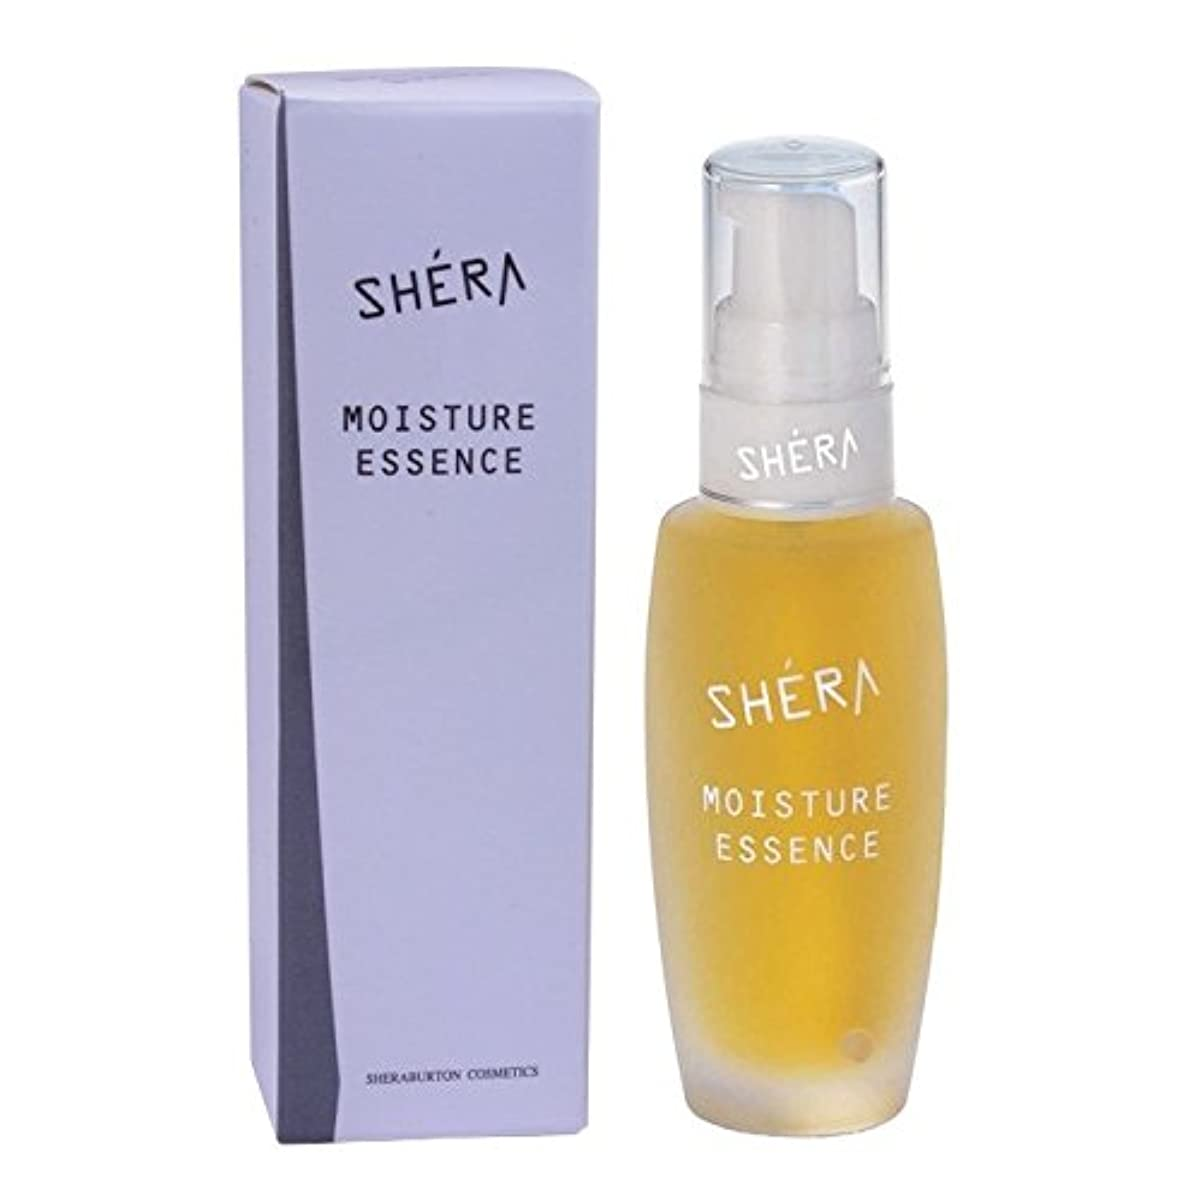 中級私たちのもの公式SHERA シェラバートン シェラモイスチャーエッセンス(美容液)32ml